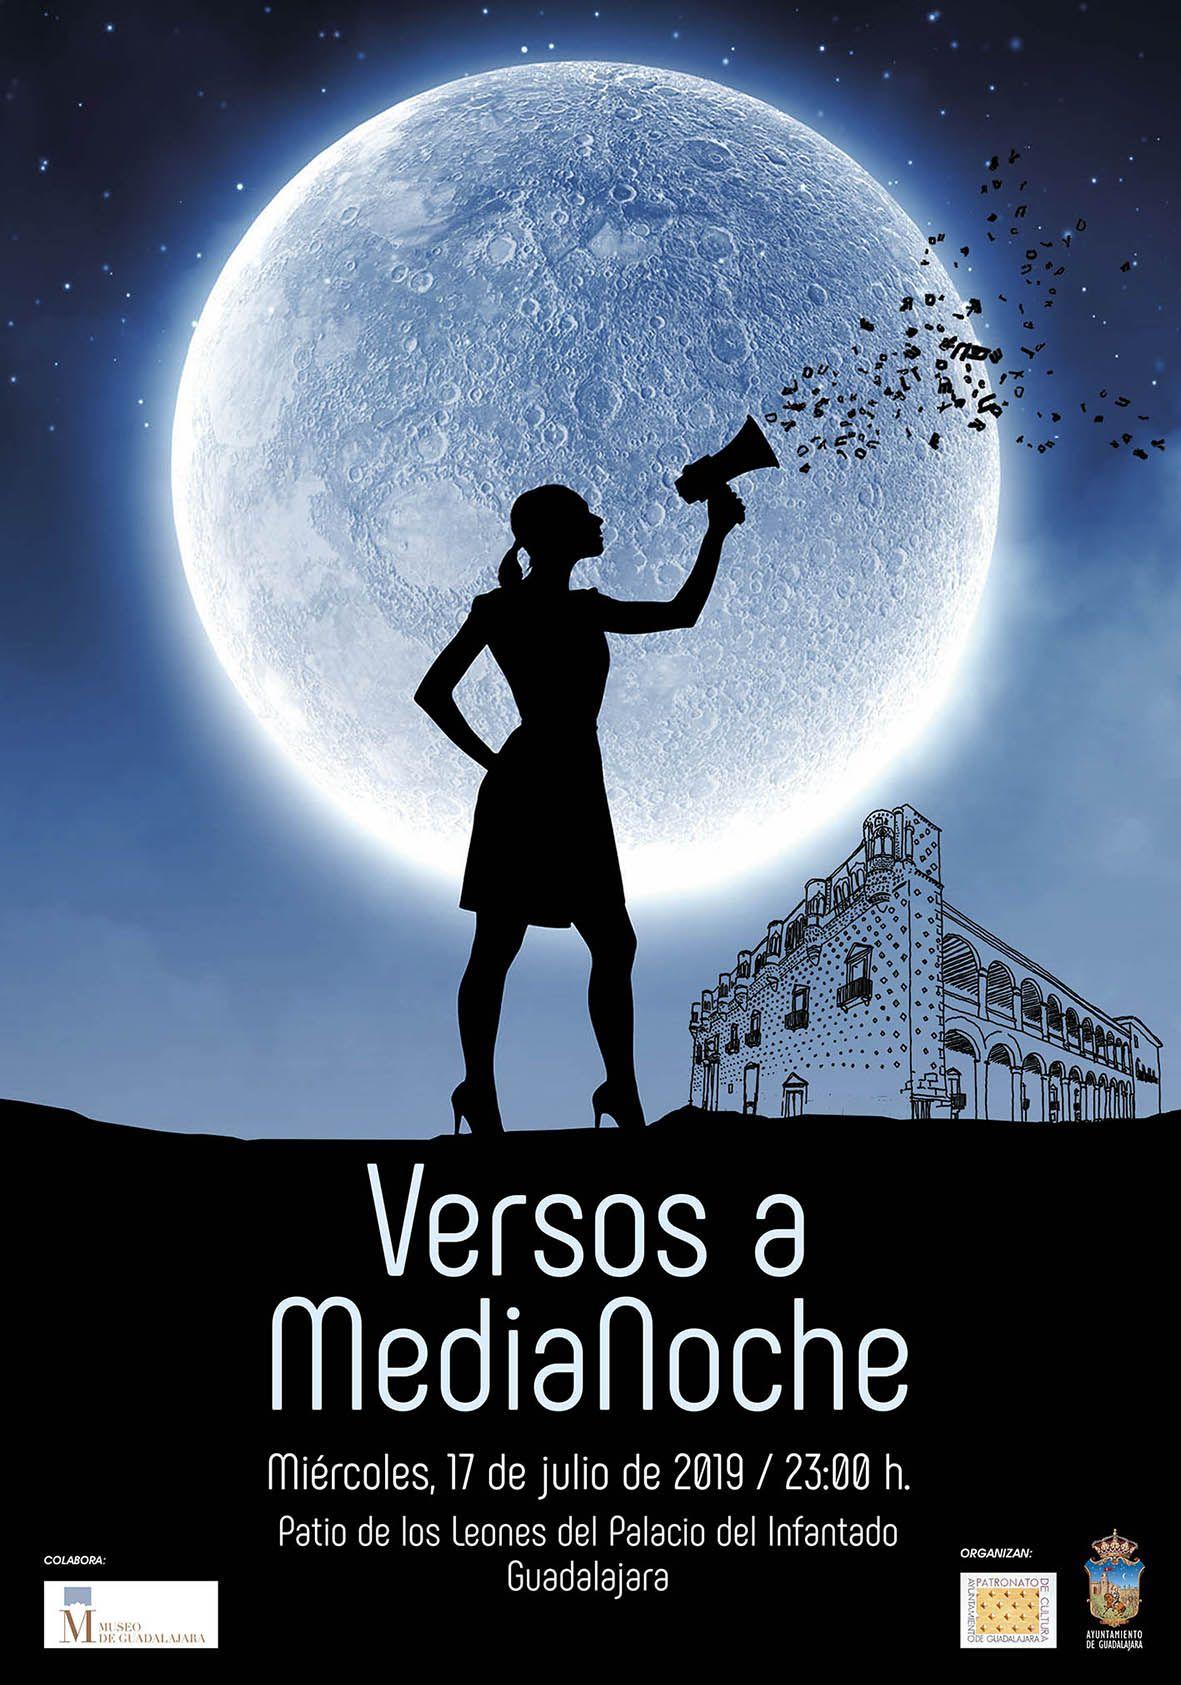 Versos a Medianoche estrena nueva ubicación en el emblemático Patio de los Leones del Infantado